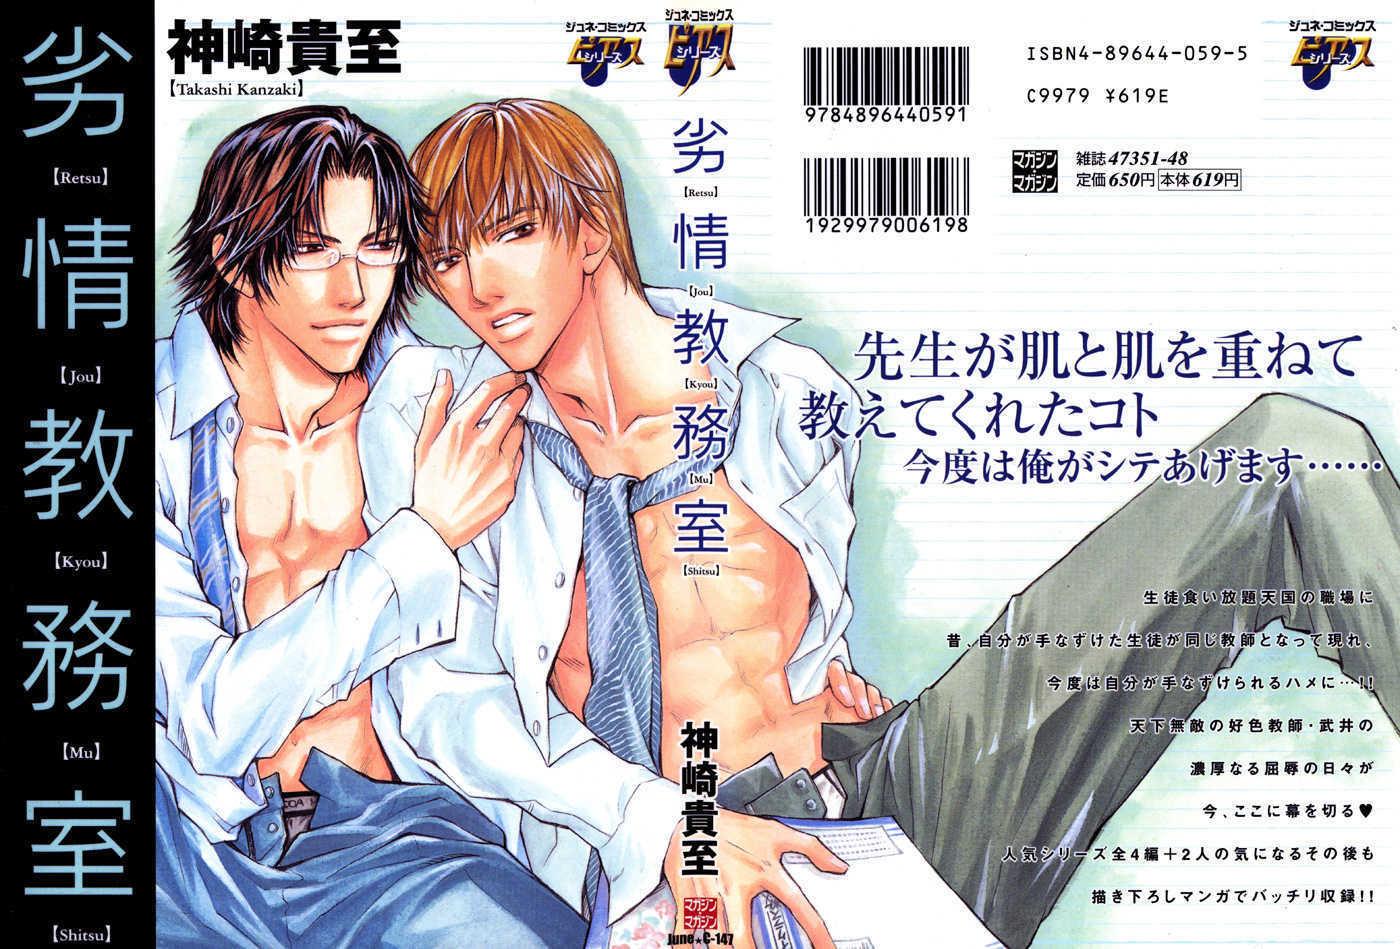 Retsujou Kyoumushitsu 6 Page 1